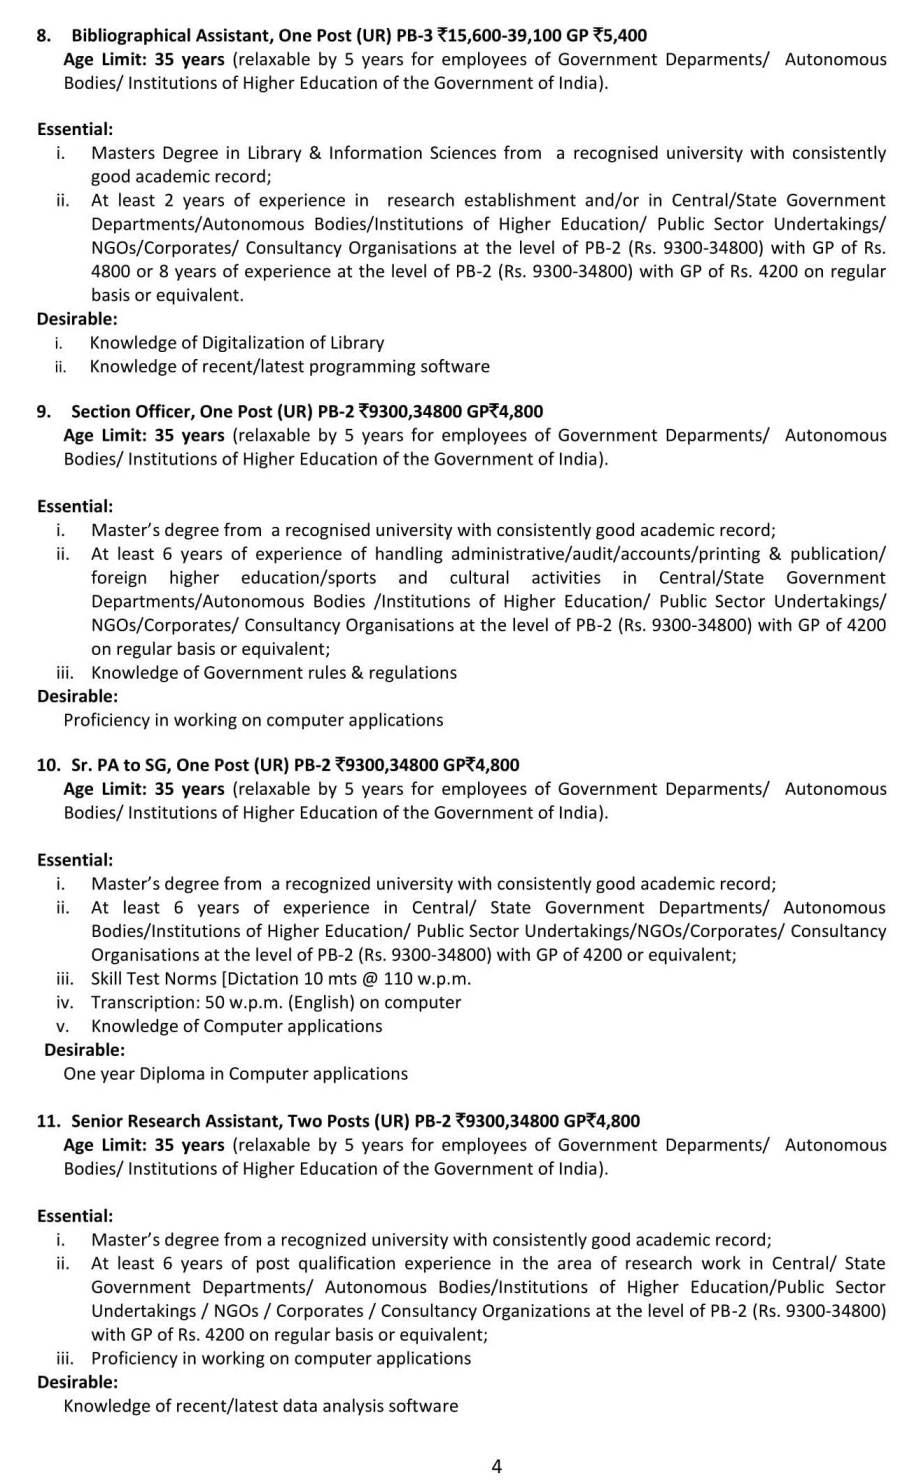 Advt details-4.jpg